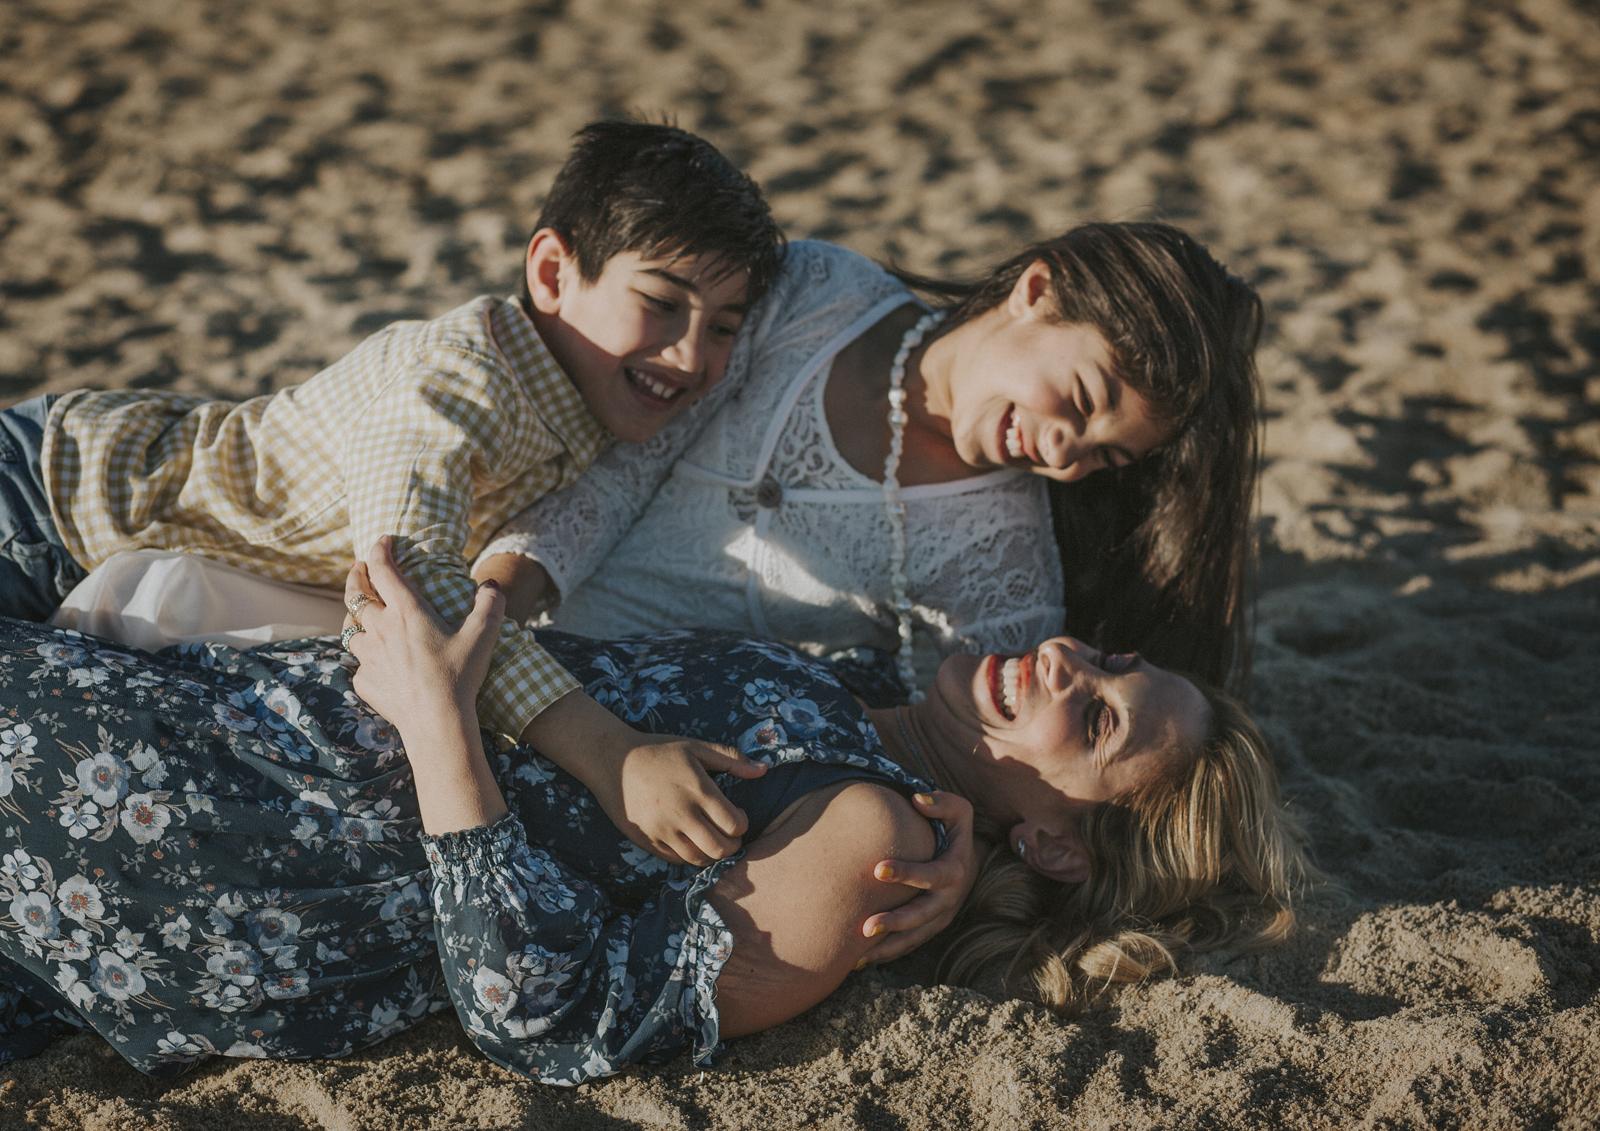 Family fun down at the beach!